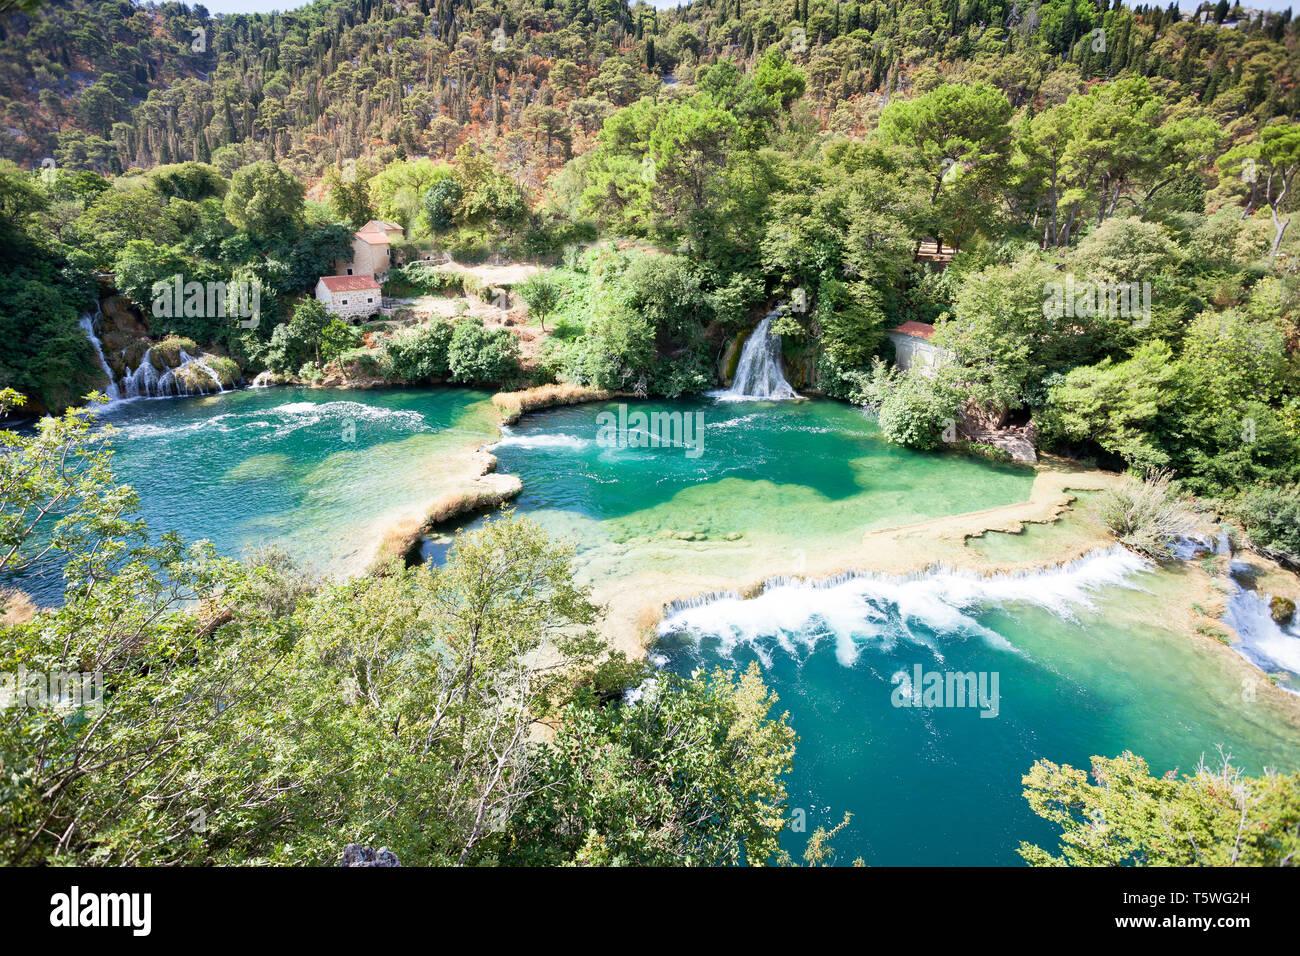 Krka, Sibenik, Kroatien, Europa - Genießen Sie die Schönheit der Natur im Nationalpark Krka Stockfoto